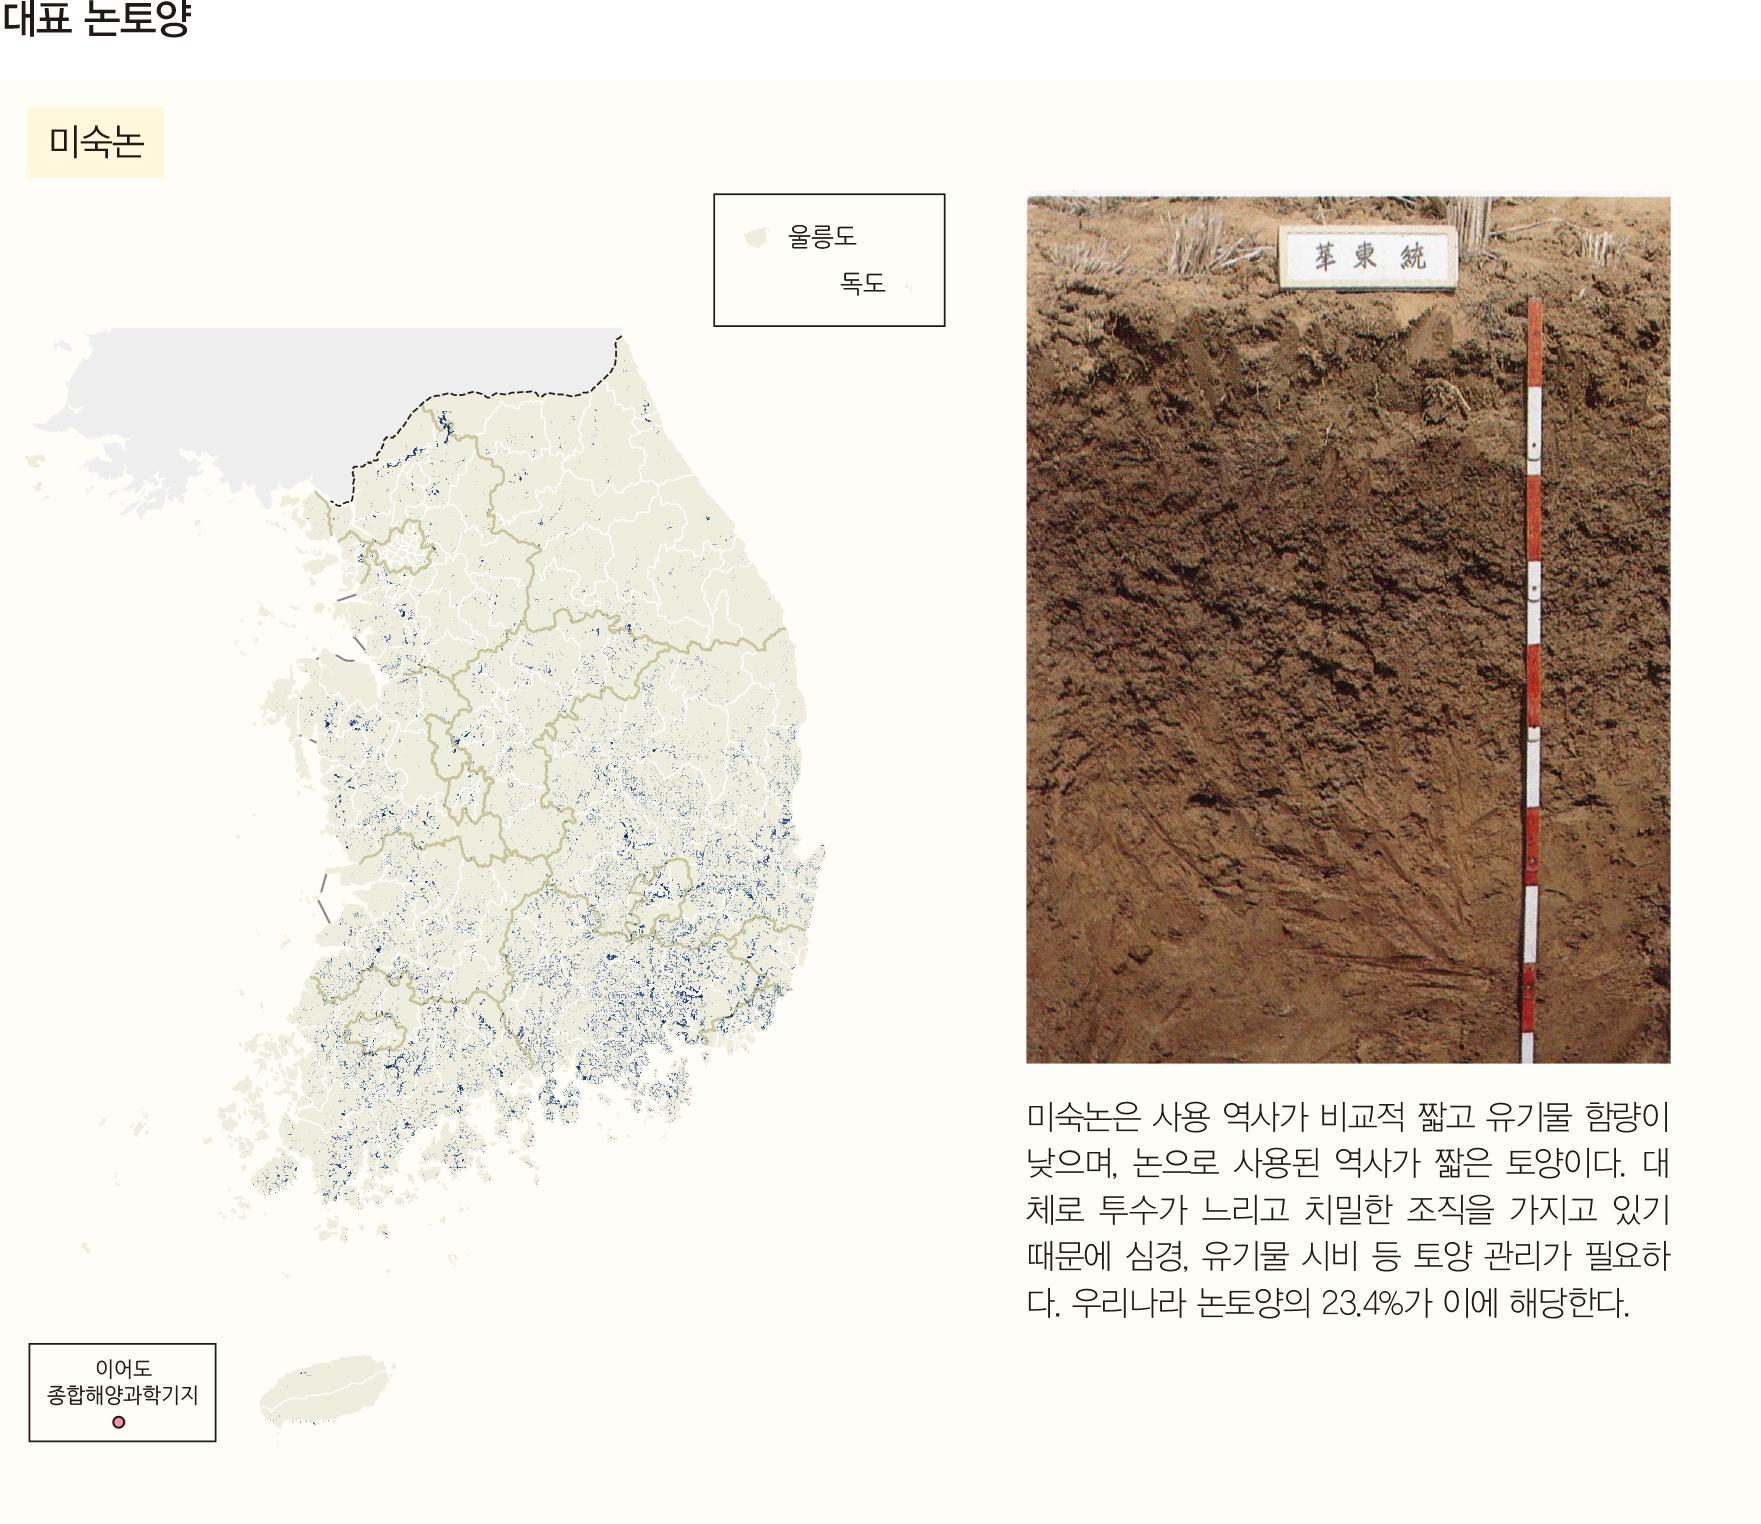 대표 논토양 미숙논